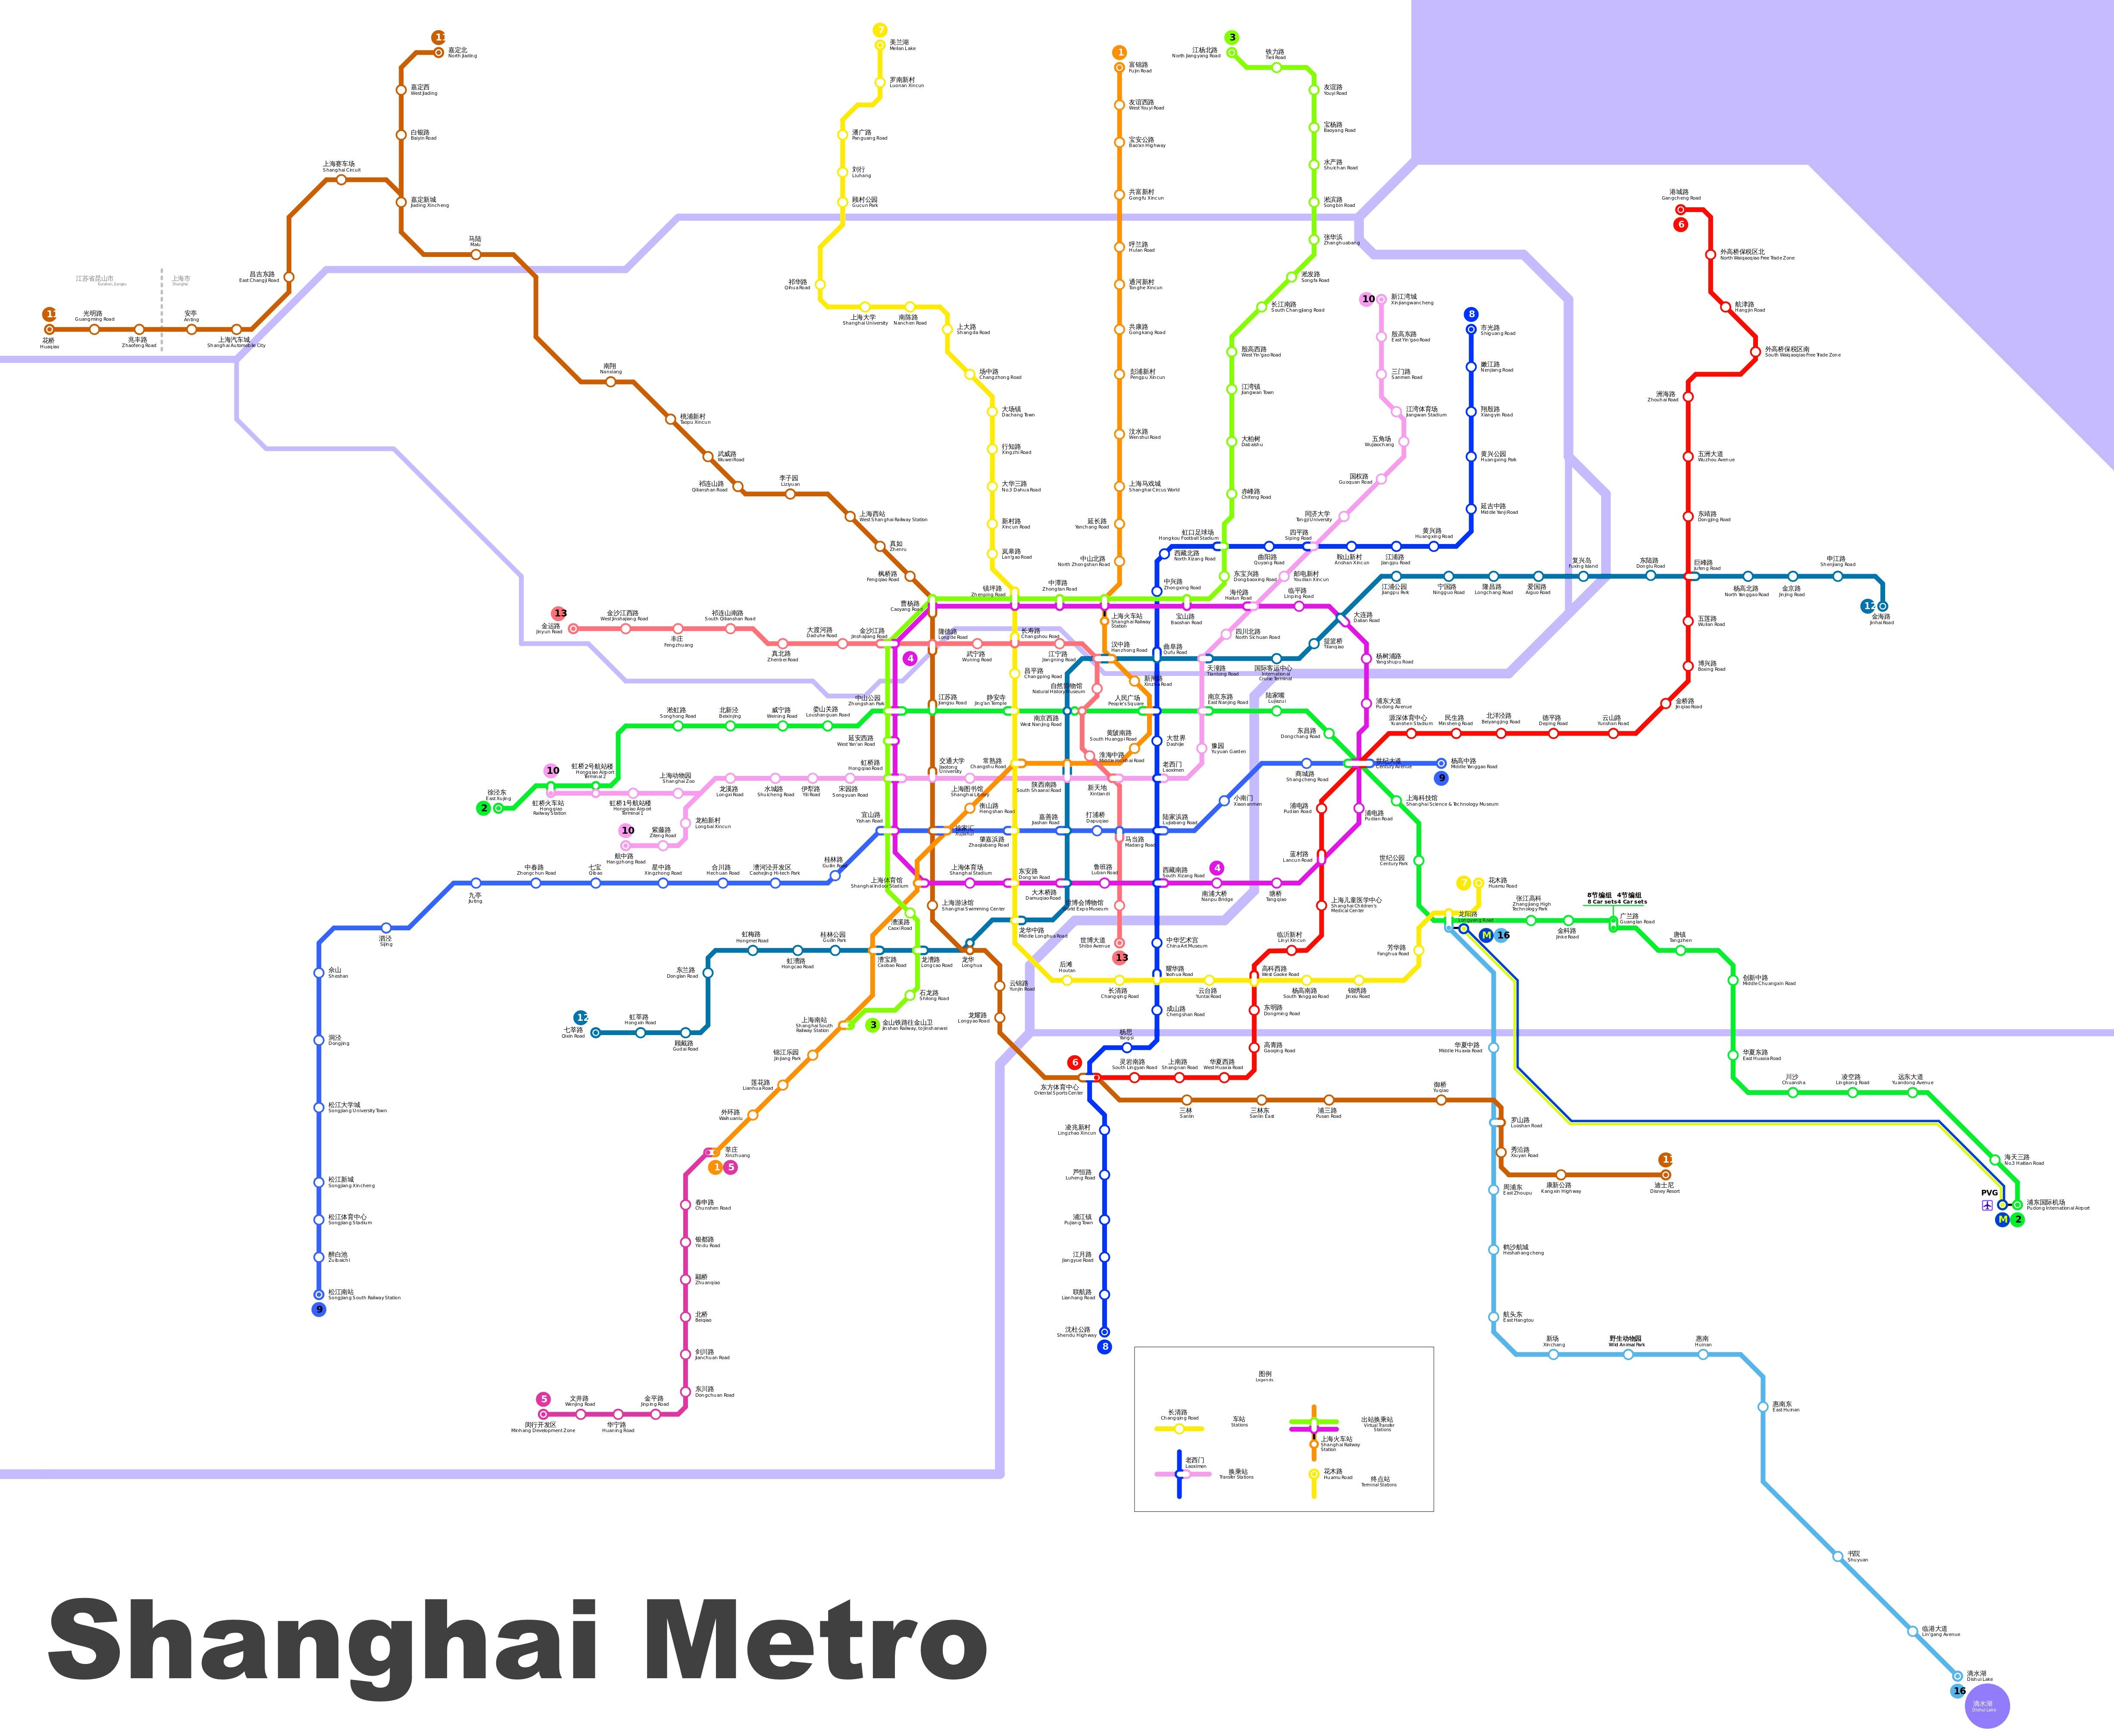 Shanghai metro map on map of montreal metro, map of hamburg metro, map of prague metro, map of panama city metro, map of metro rail, map of washington metro, map of zhengzhou metro, map of london metro, map of dubai metro, map of moscow metro, map of barcelona metro, map of houston metro, map of suzhou metro, map of chicago metro, map of rome metro, map of nanjing metro, map of dublin metro, map of shenzhen metro, map of copenhagen metro, map of brussels metro,